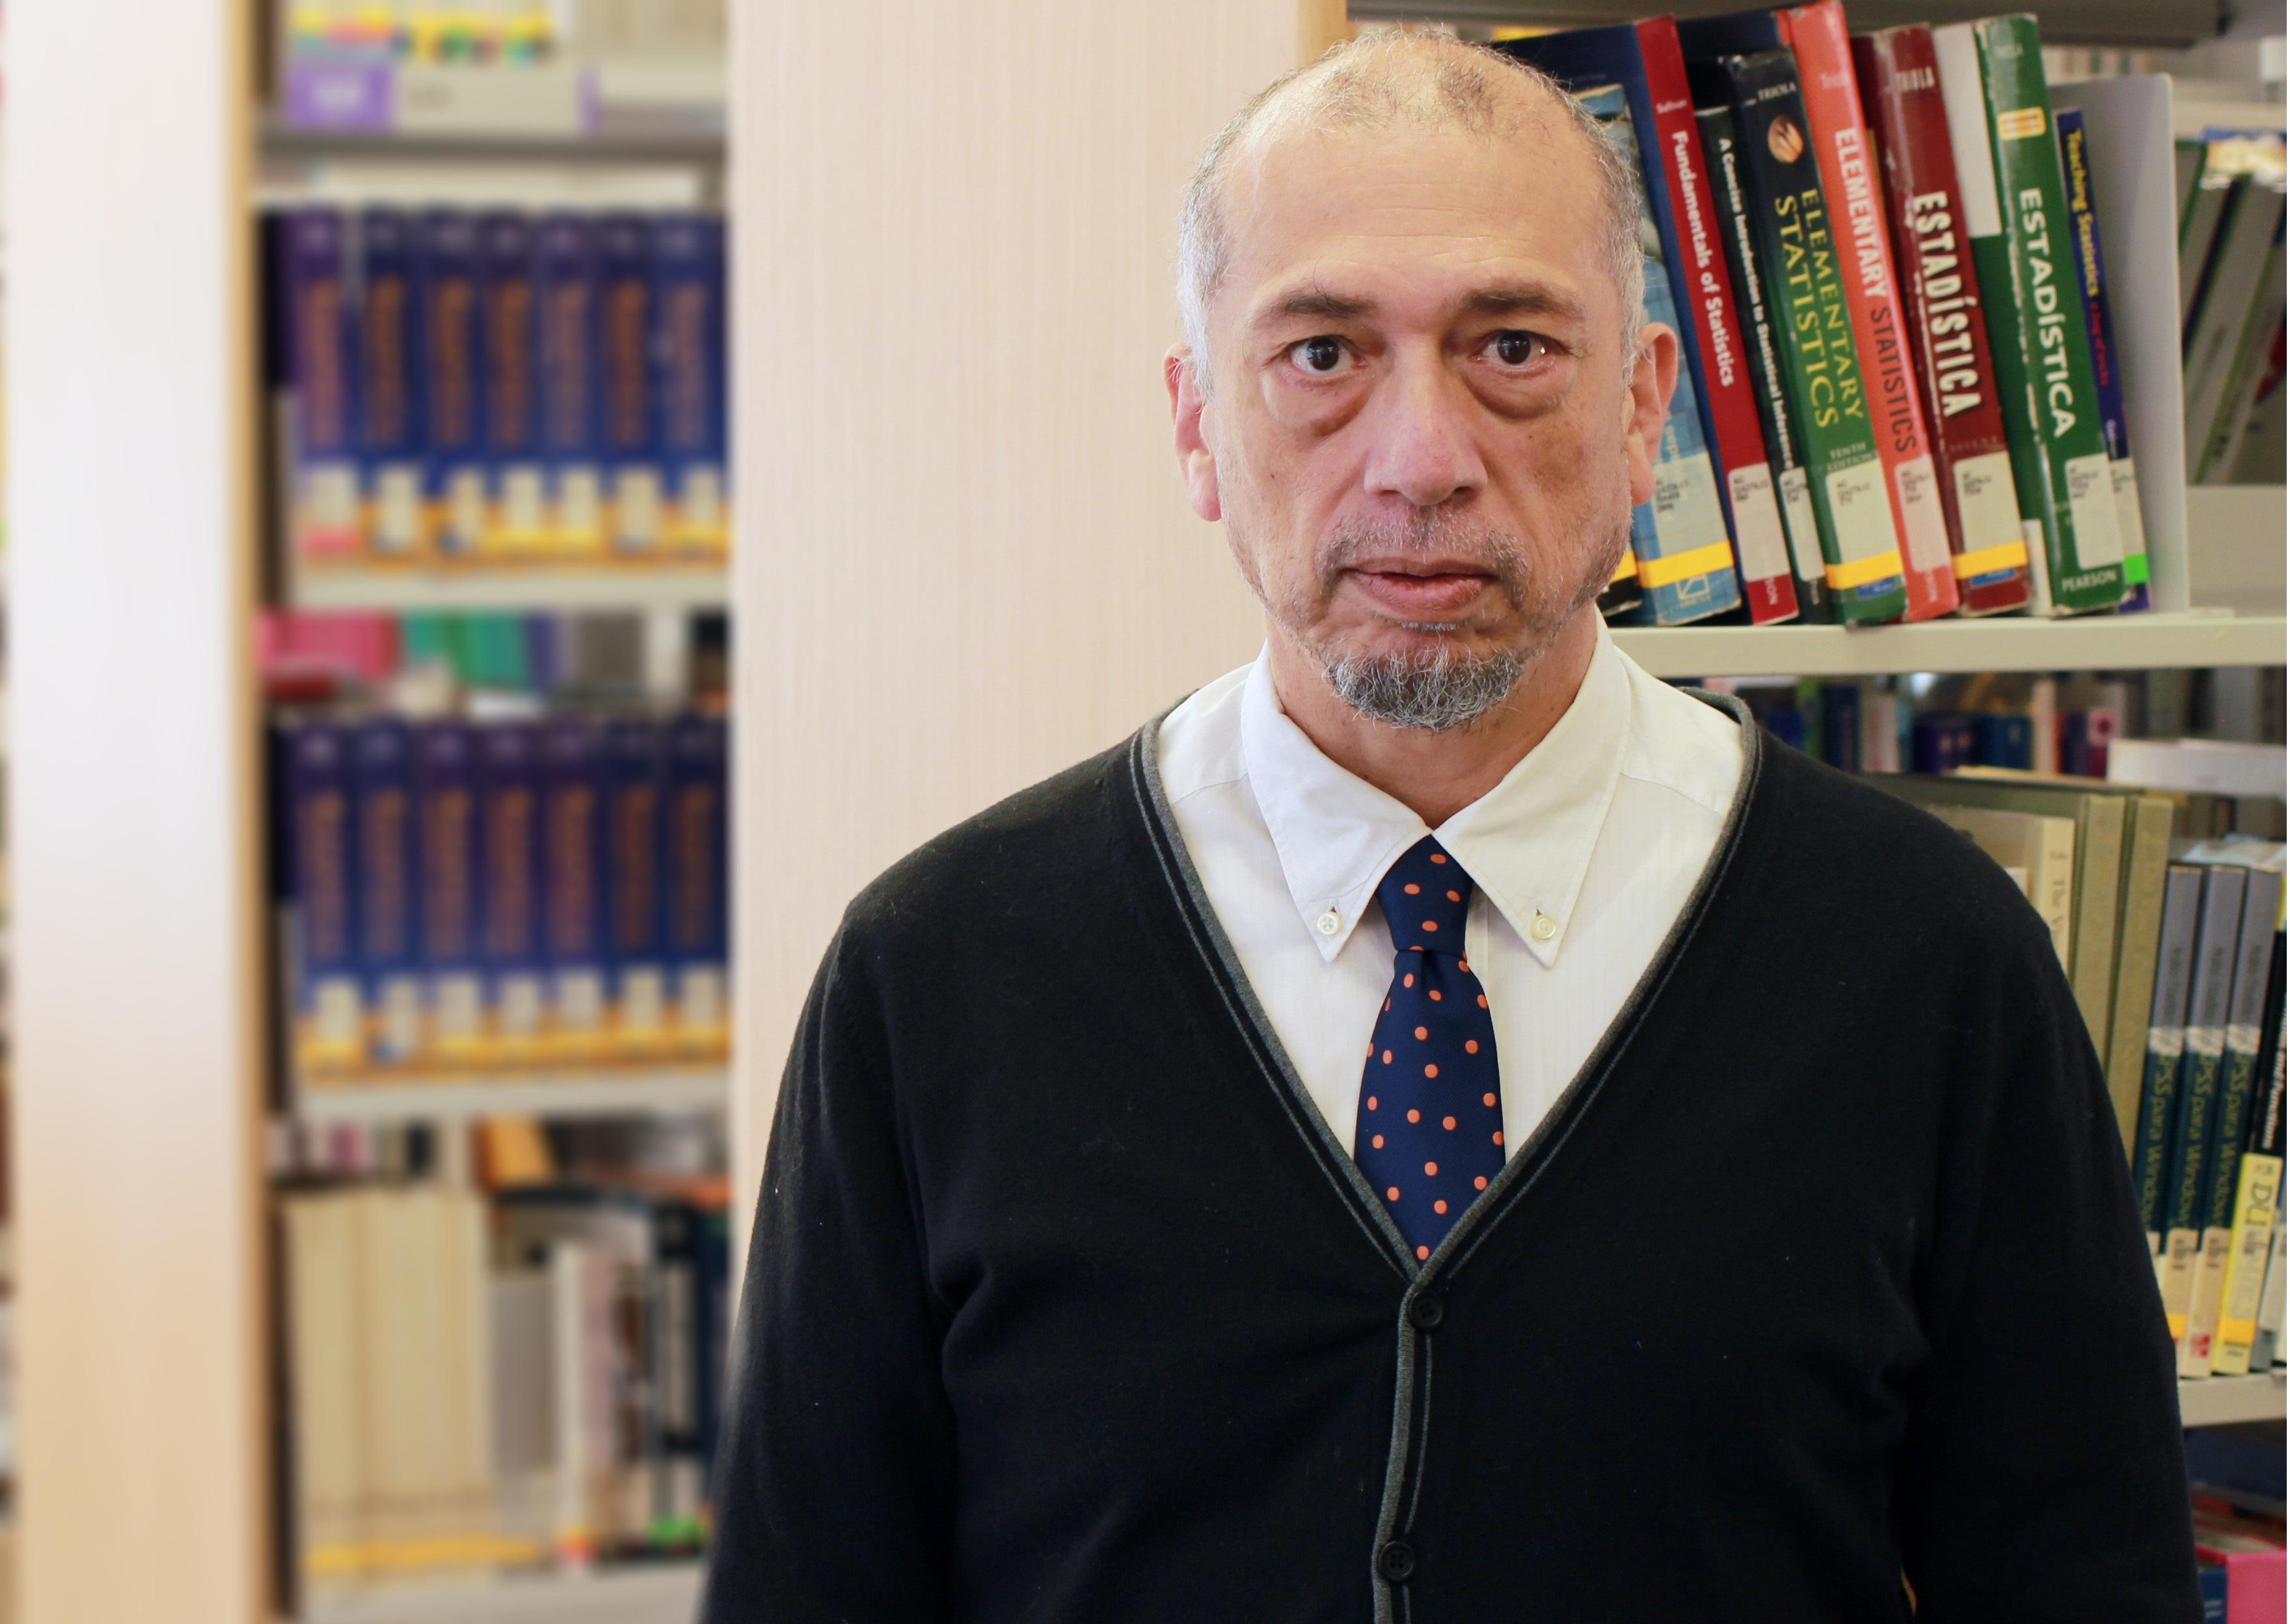 DR. ALEJANDRO MERCADO CELIS